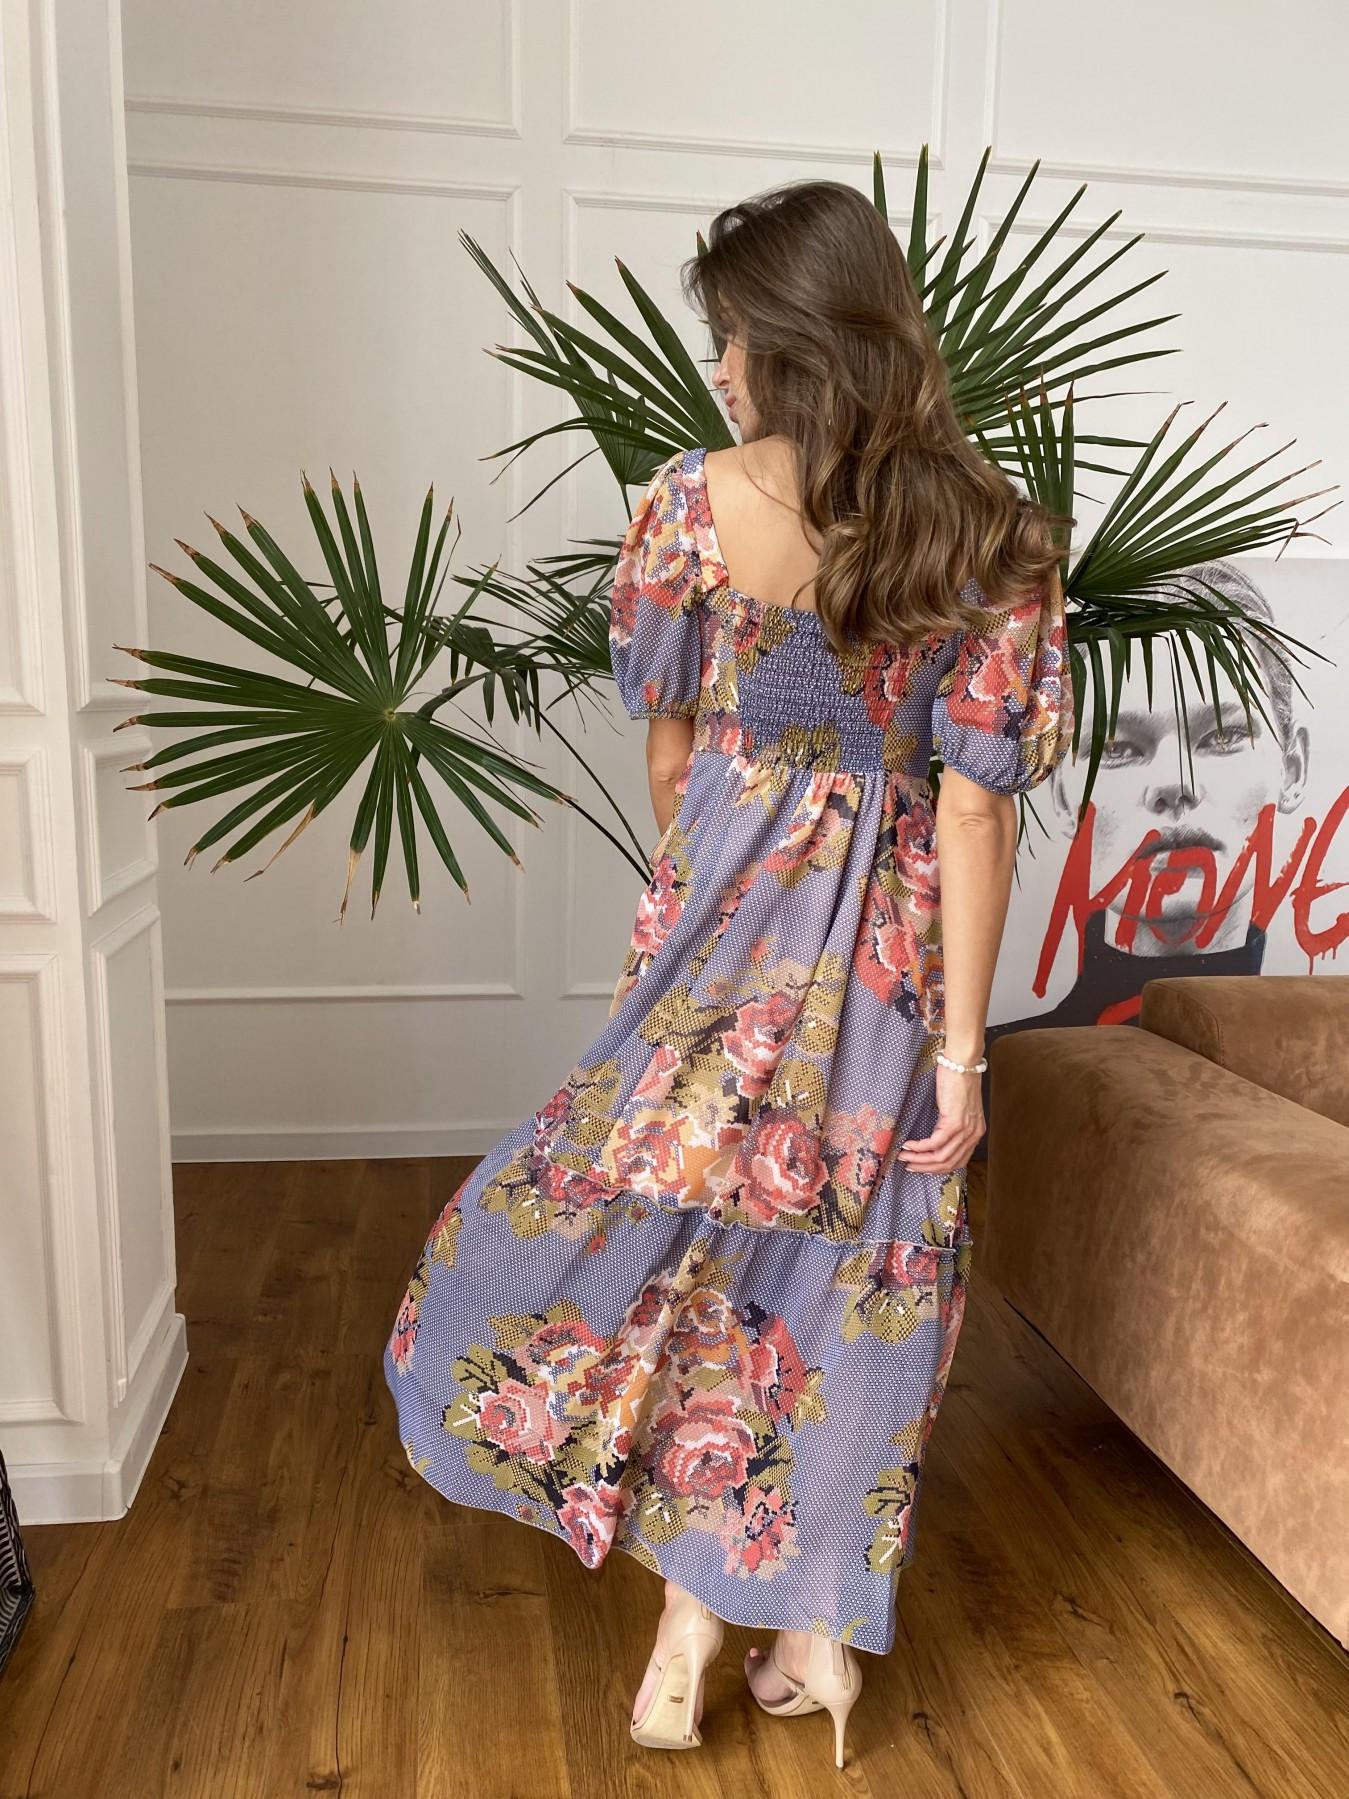 Лоретта платье из шифона в принт 11468 АРТ. 48251 Цвет: Т.син/беж вышивка - фото 5, интернет магазин tm-modus.ru